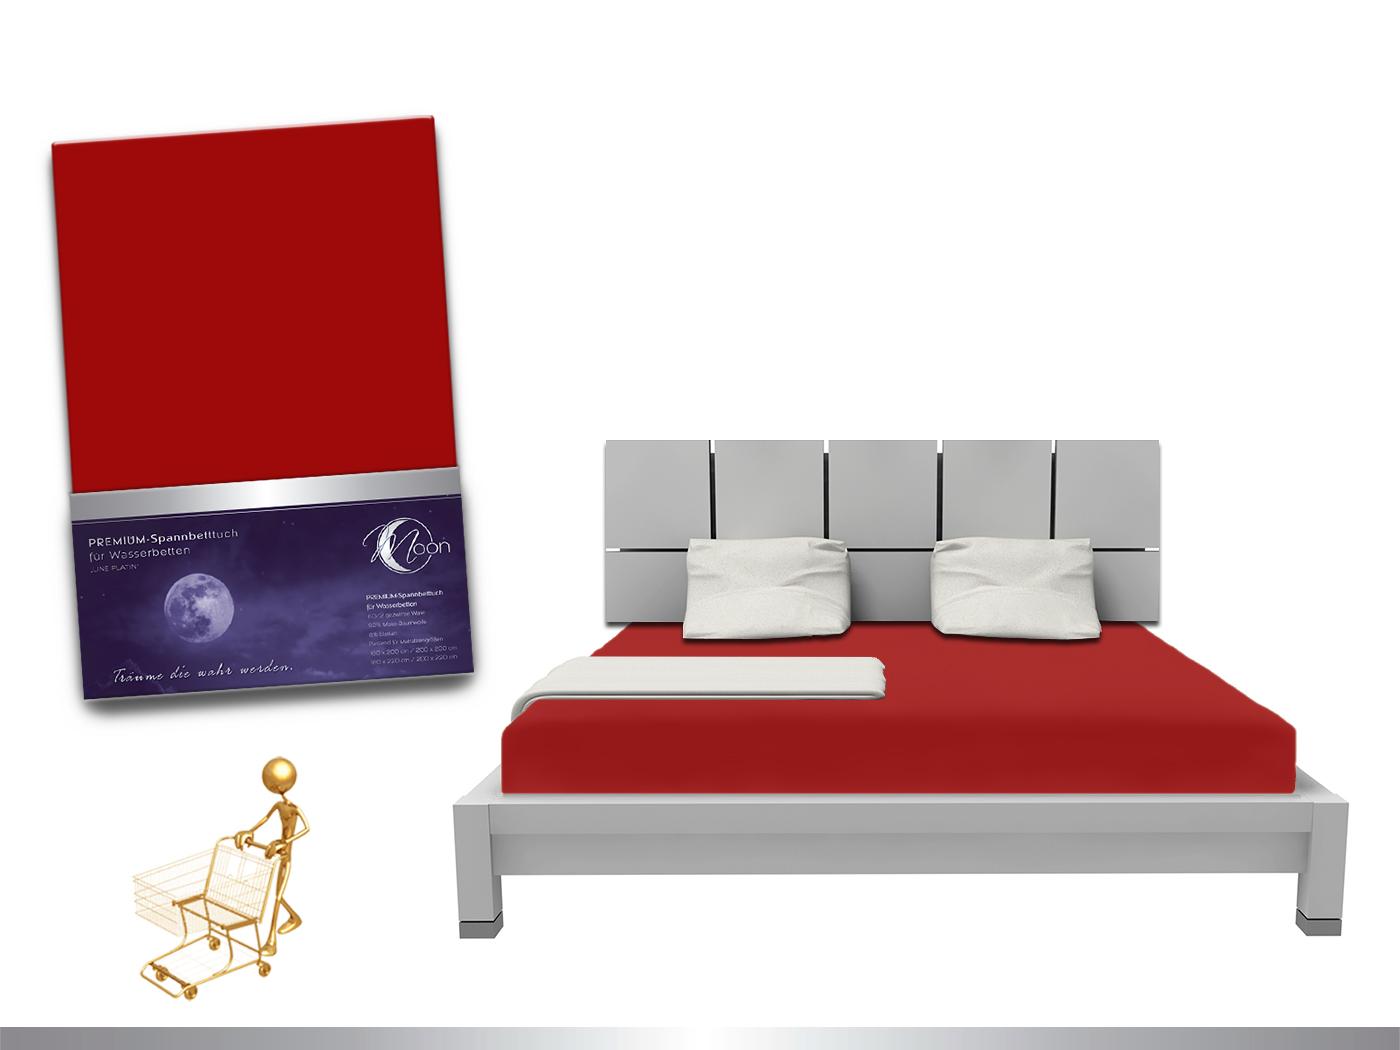 luxus wasserbett spannbettlaken line platin 180 200x220 240g m spannbetttuch. Black Bedroom Furniture Sets. Home Design Ideas